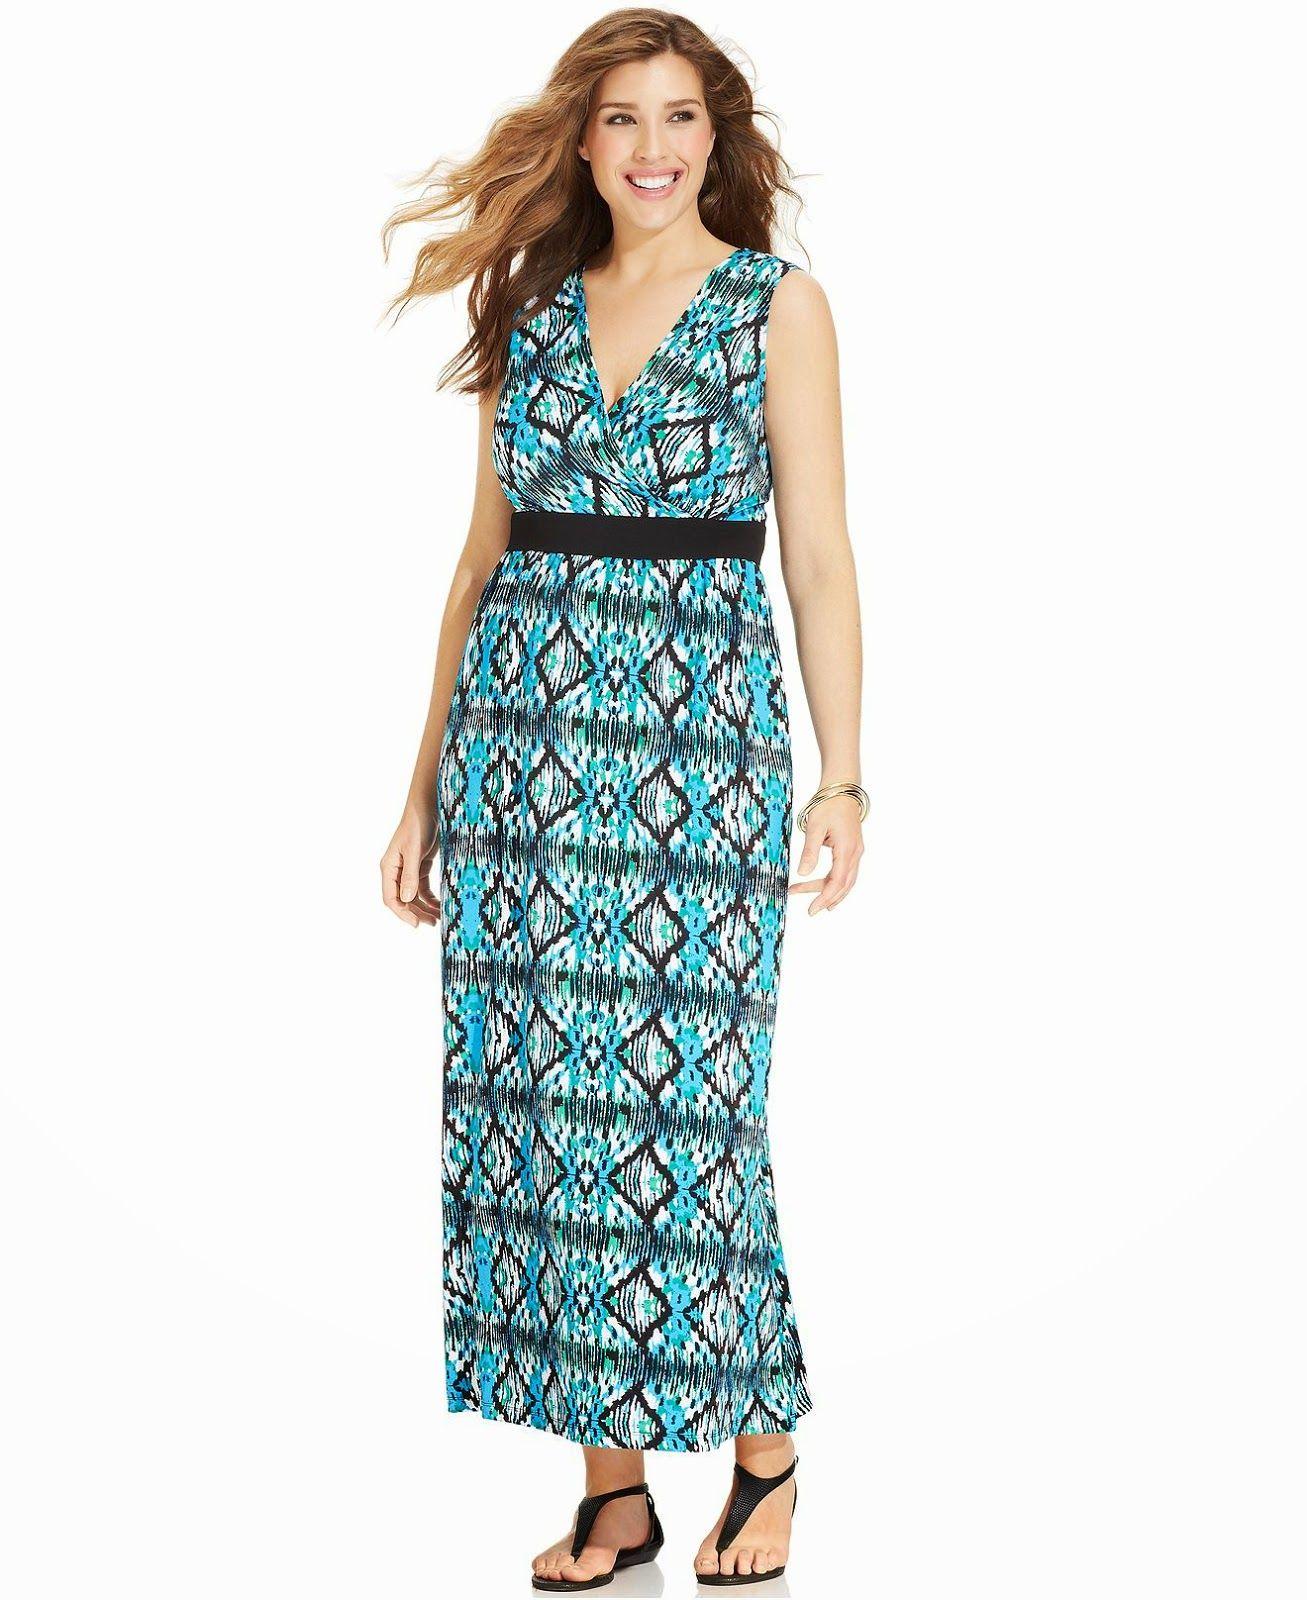 Llamativos vestidos largos para mujeres gorditas | Moda en vestidos ...